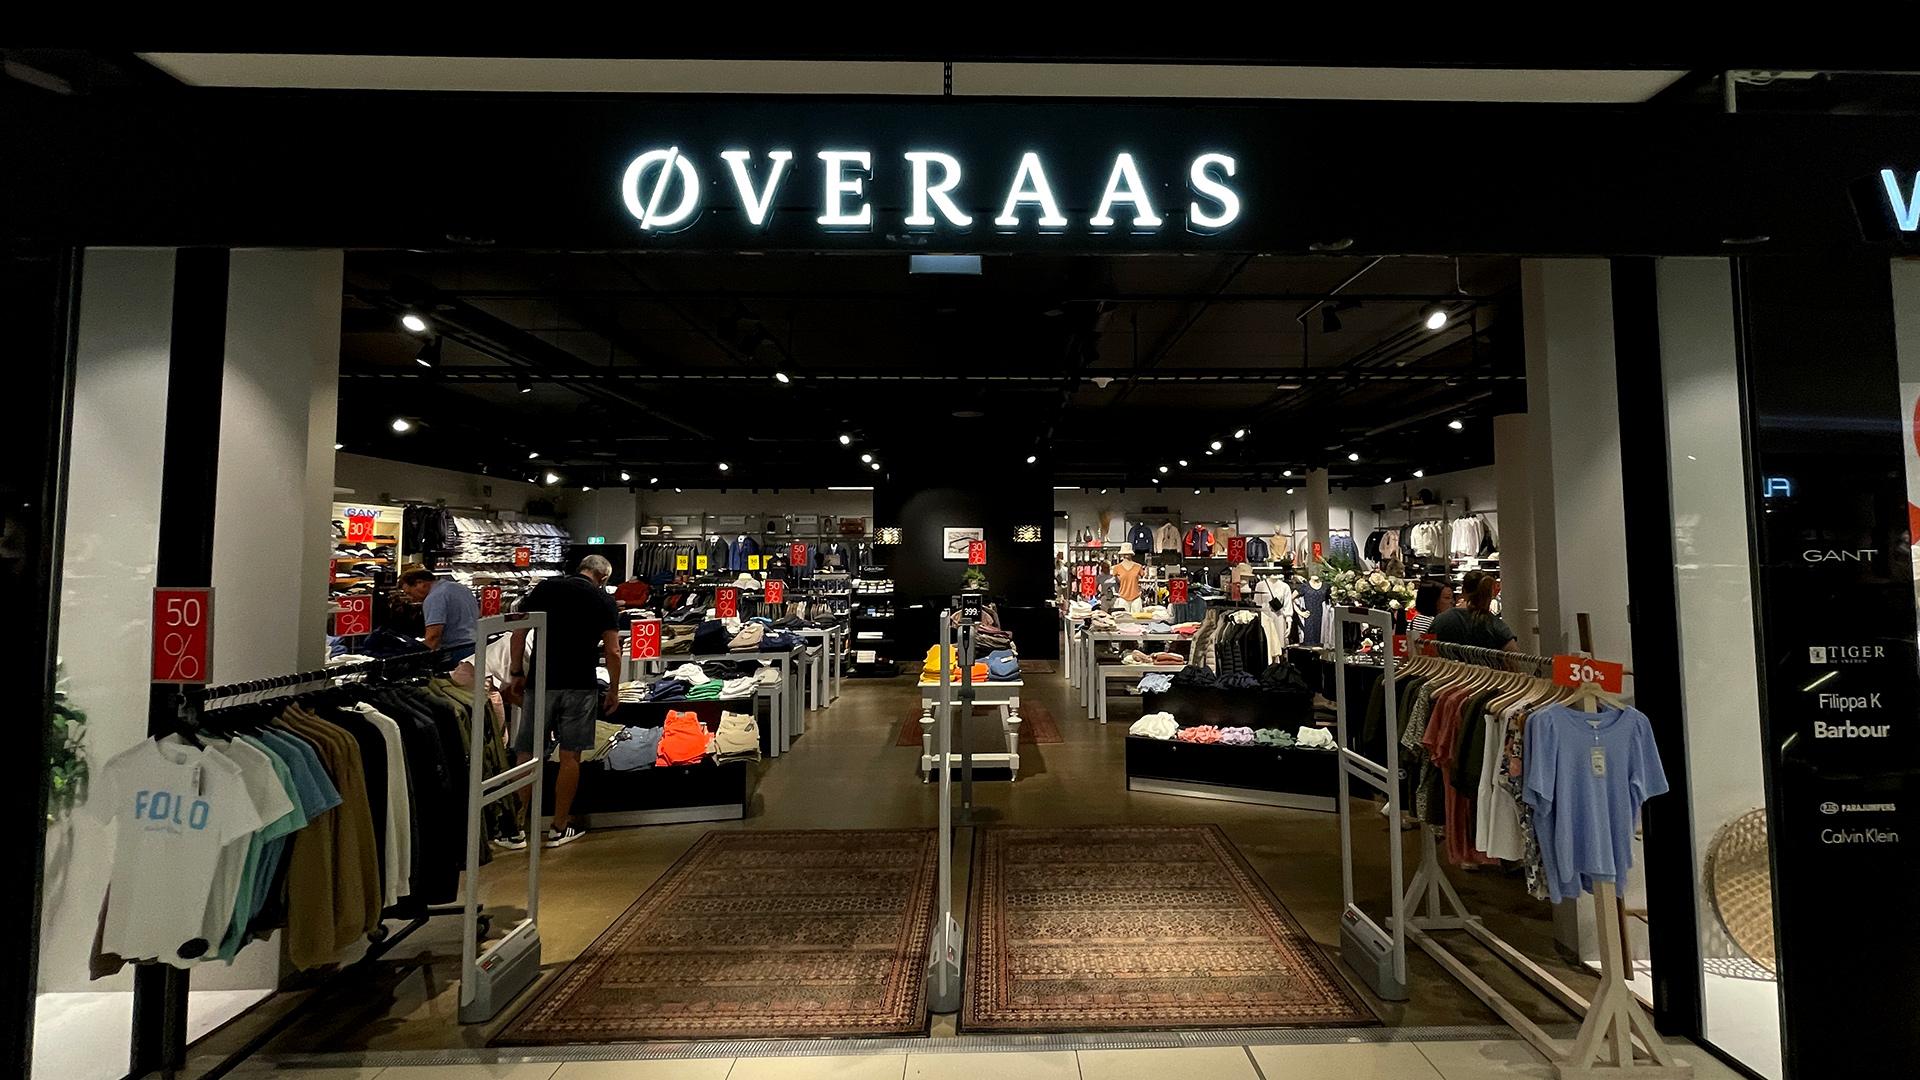 VIC bytter navn til Øveraas